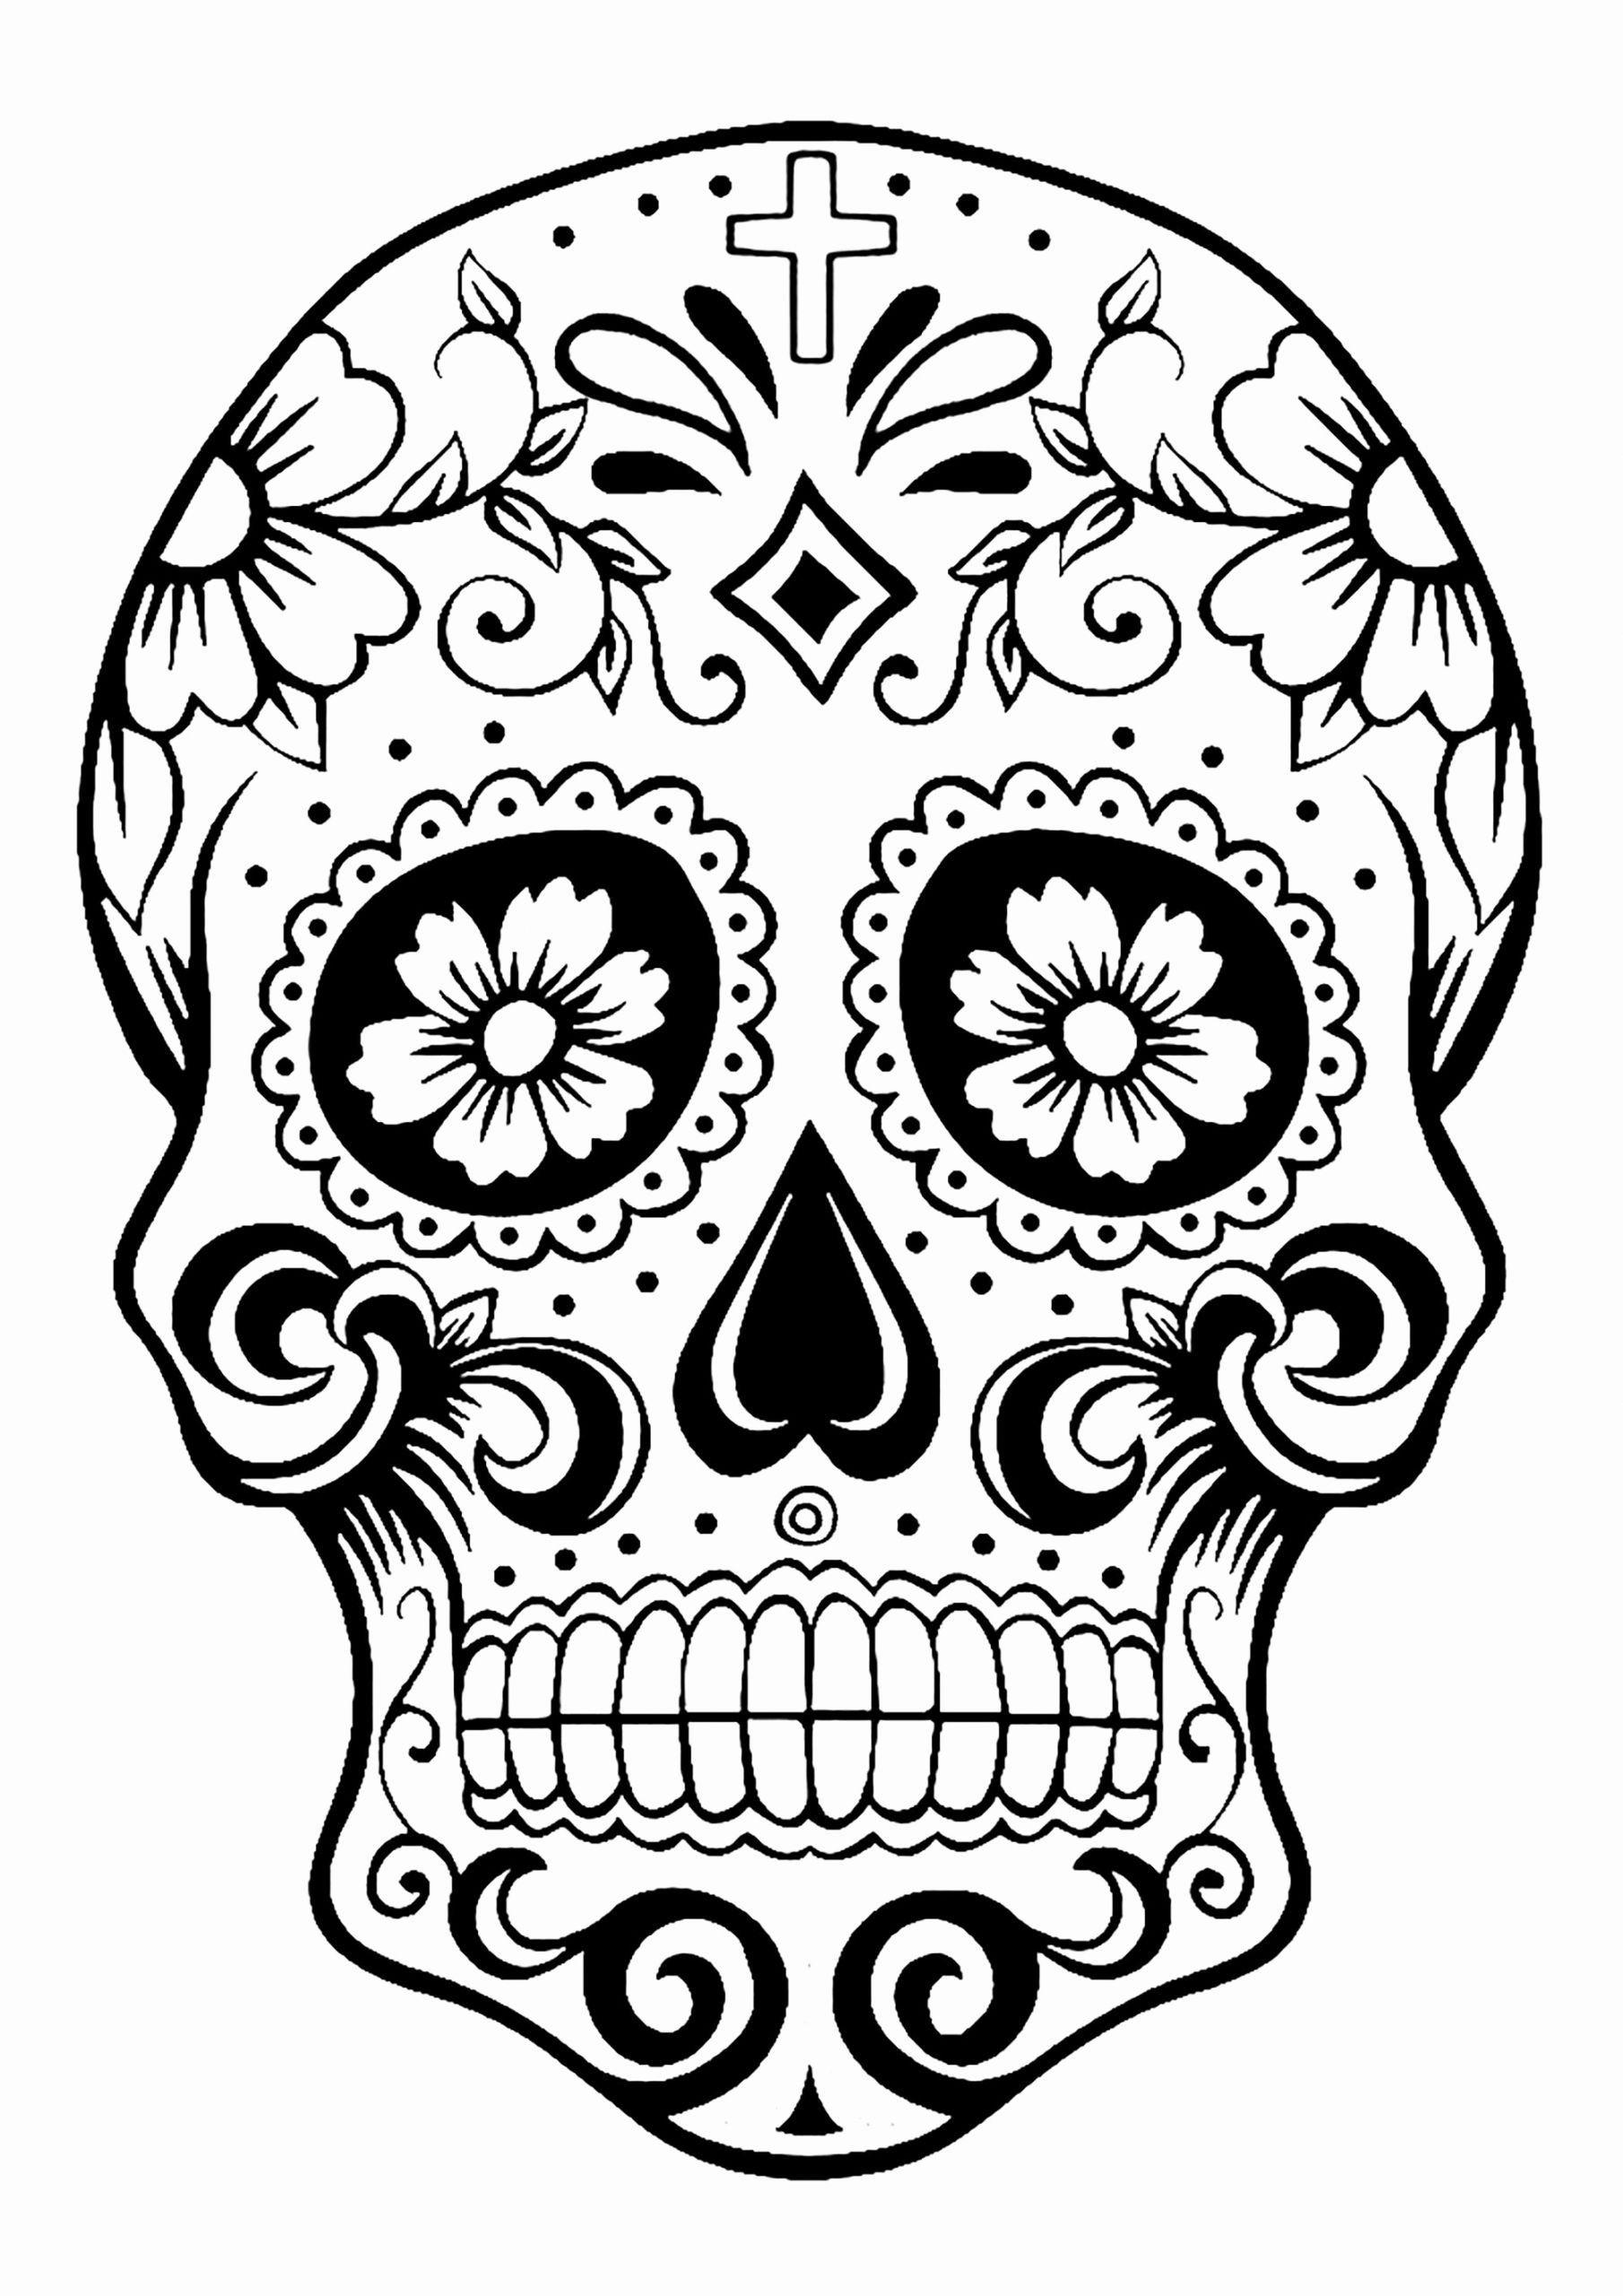 21 Dia De Los Muertos Coloring Book In 2020 (With Images) Skull